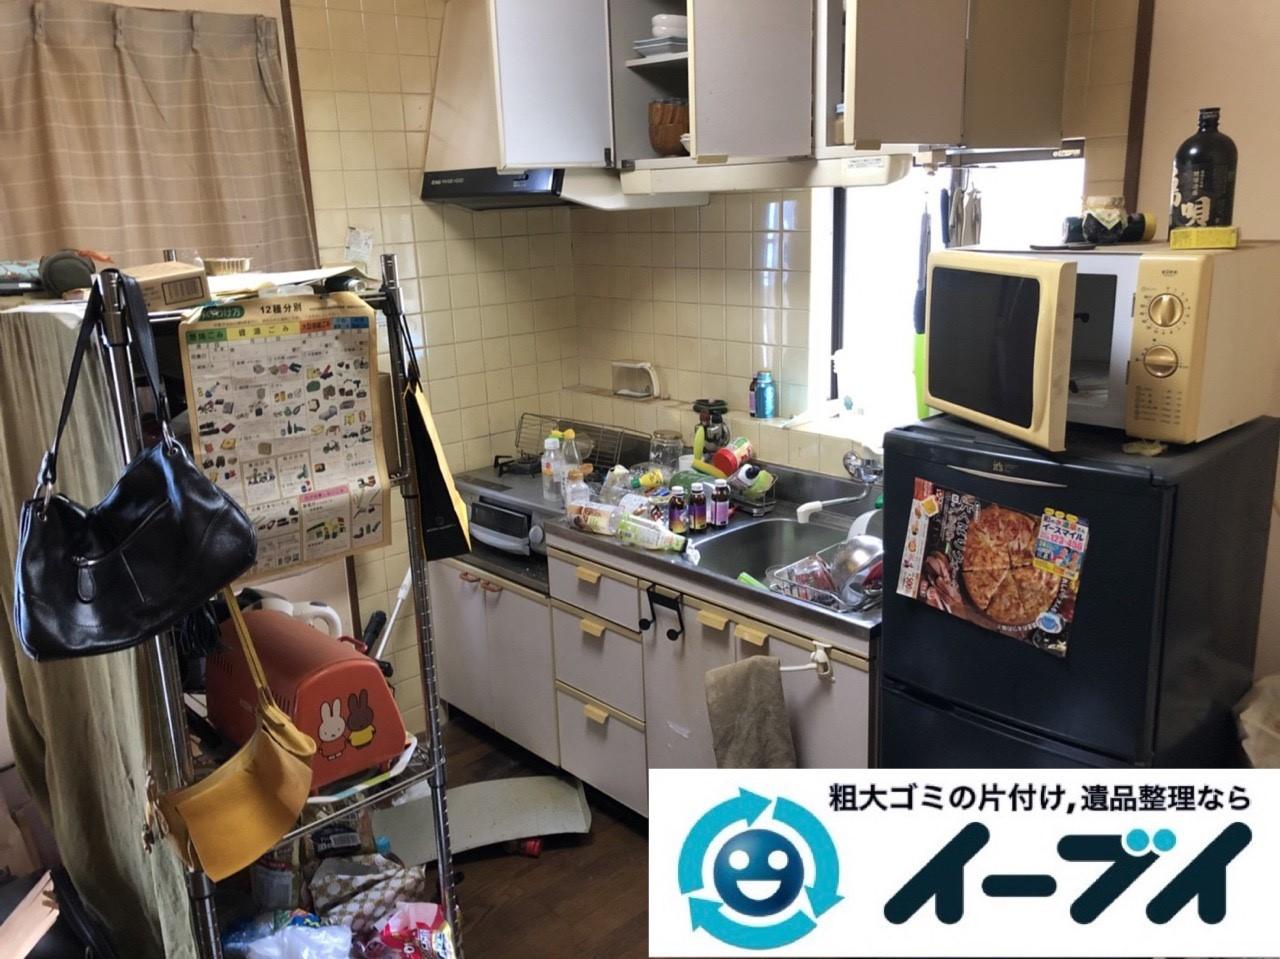 2019年1月22日大阪府大阪市天王寺区で冷蔵庫や電子レンジの粗大ゴミ処分をはじめ、細かな日用品などの不用品回収のご依頼。写真2